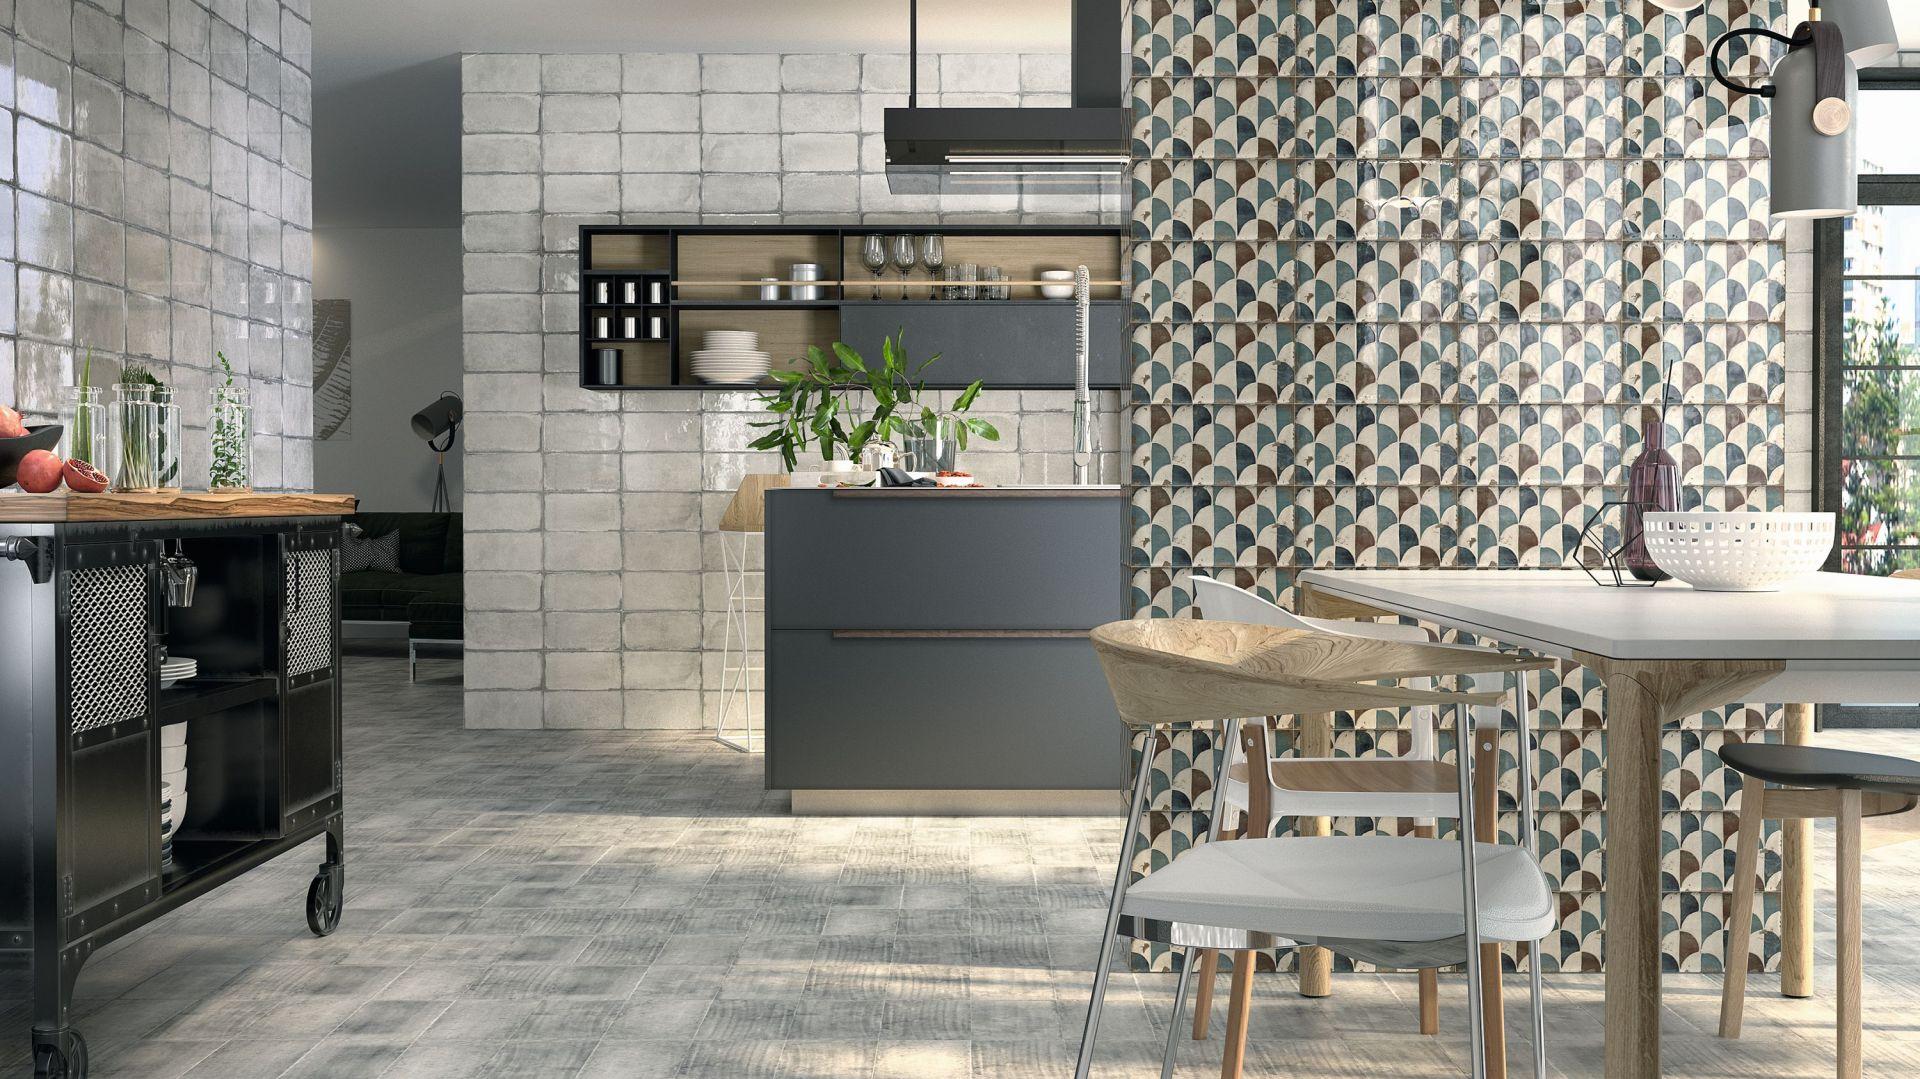 Kolekcja Padua to ceramiczne kafle na ściany i podłogi o wymiarze 20x20 cm, których wzory i kolorystyka czerpią z tradycji śródziemnomorskiej. Mainzu Cerámica